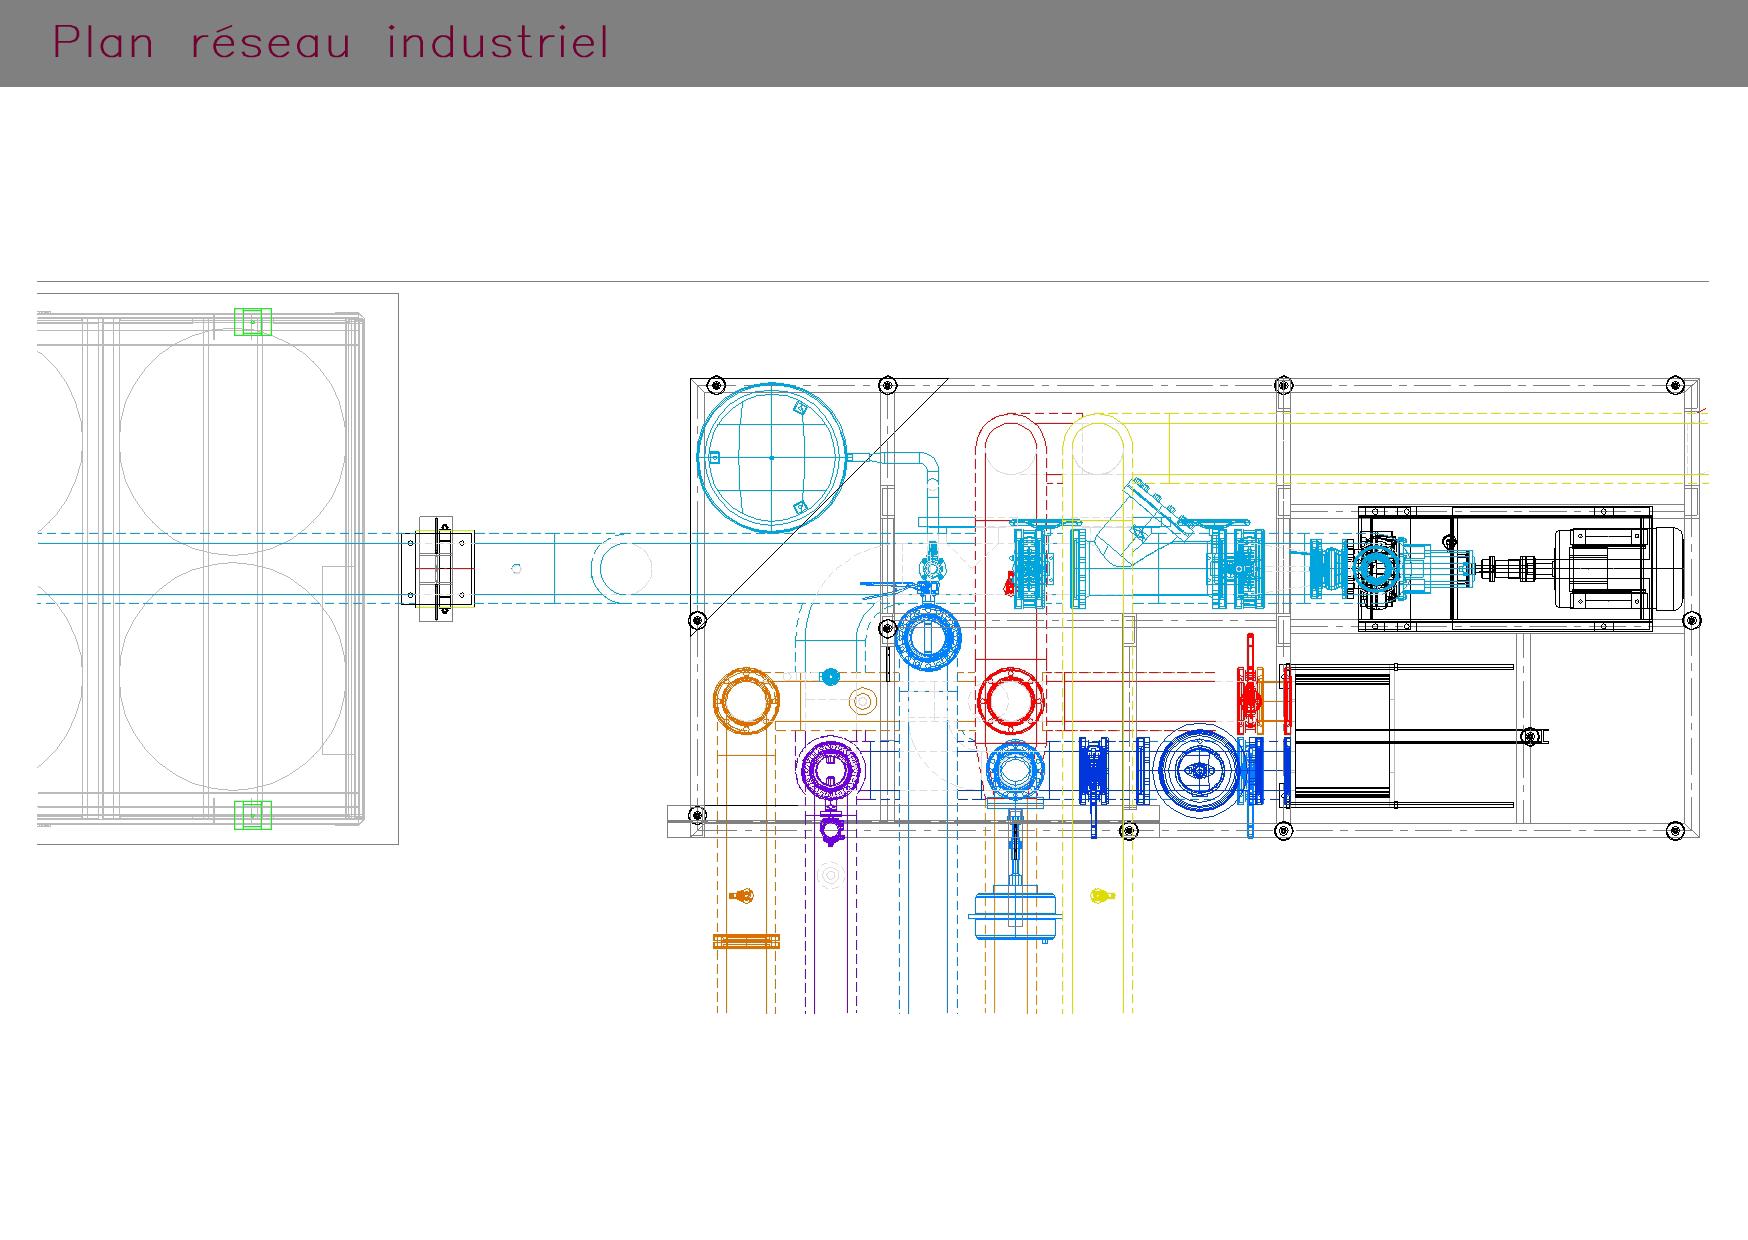 Plan réseau SKID industriel (pompe)